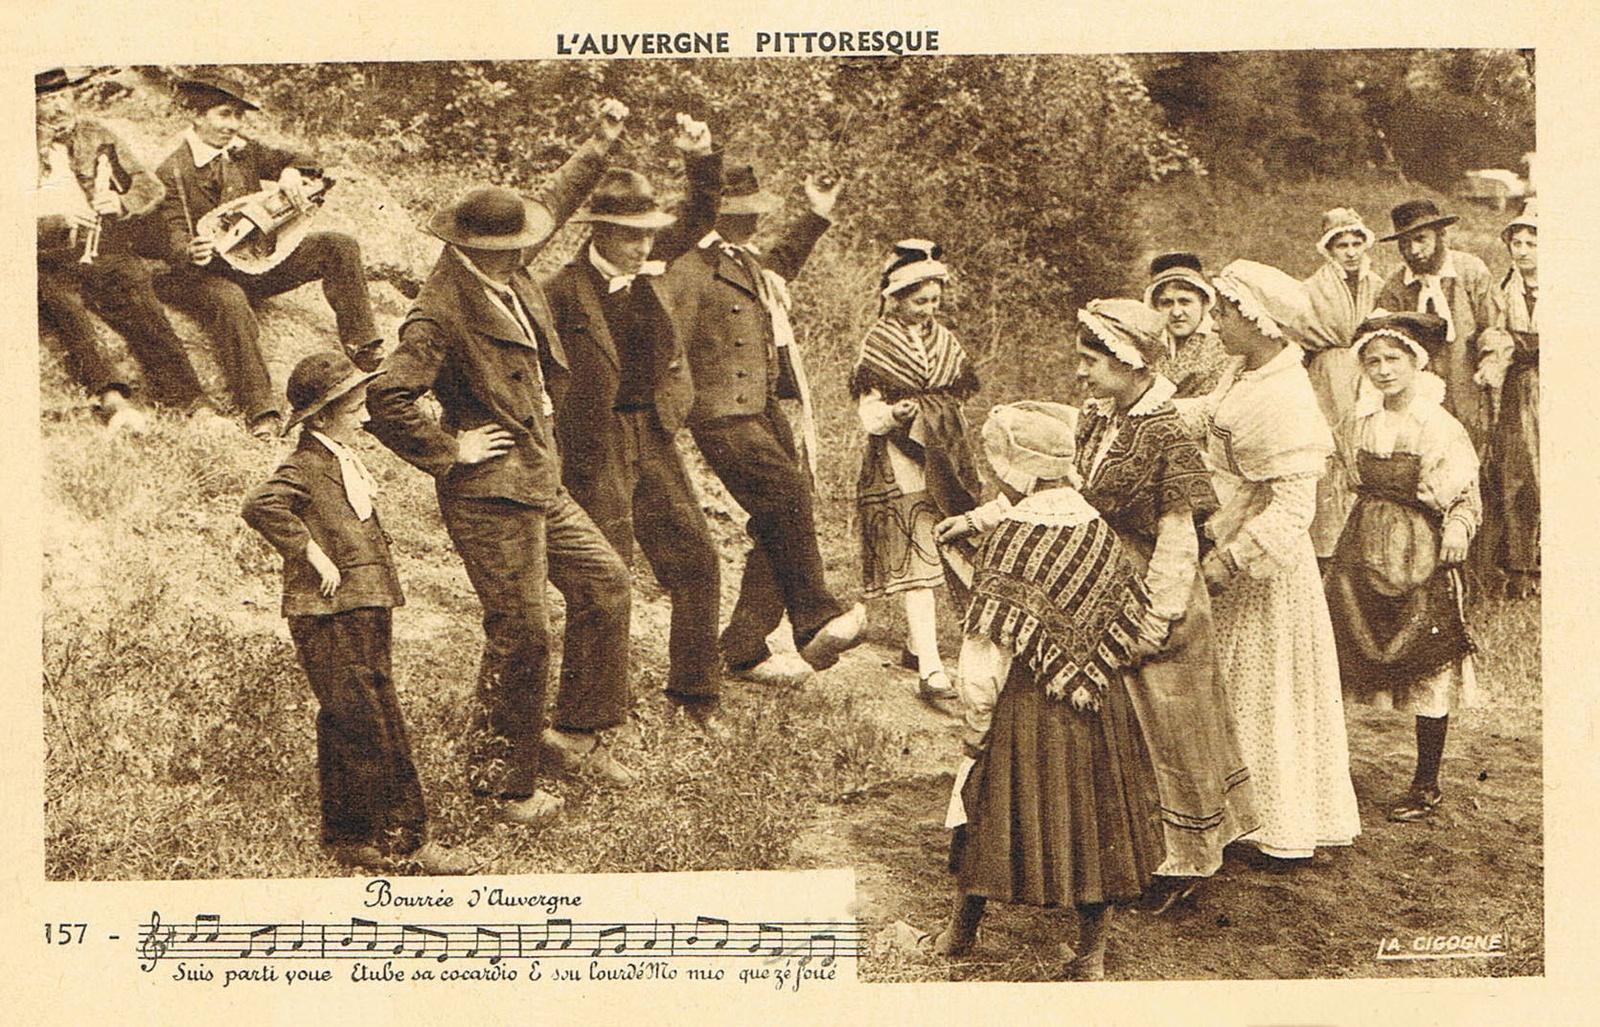 Auvergne pitoresque